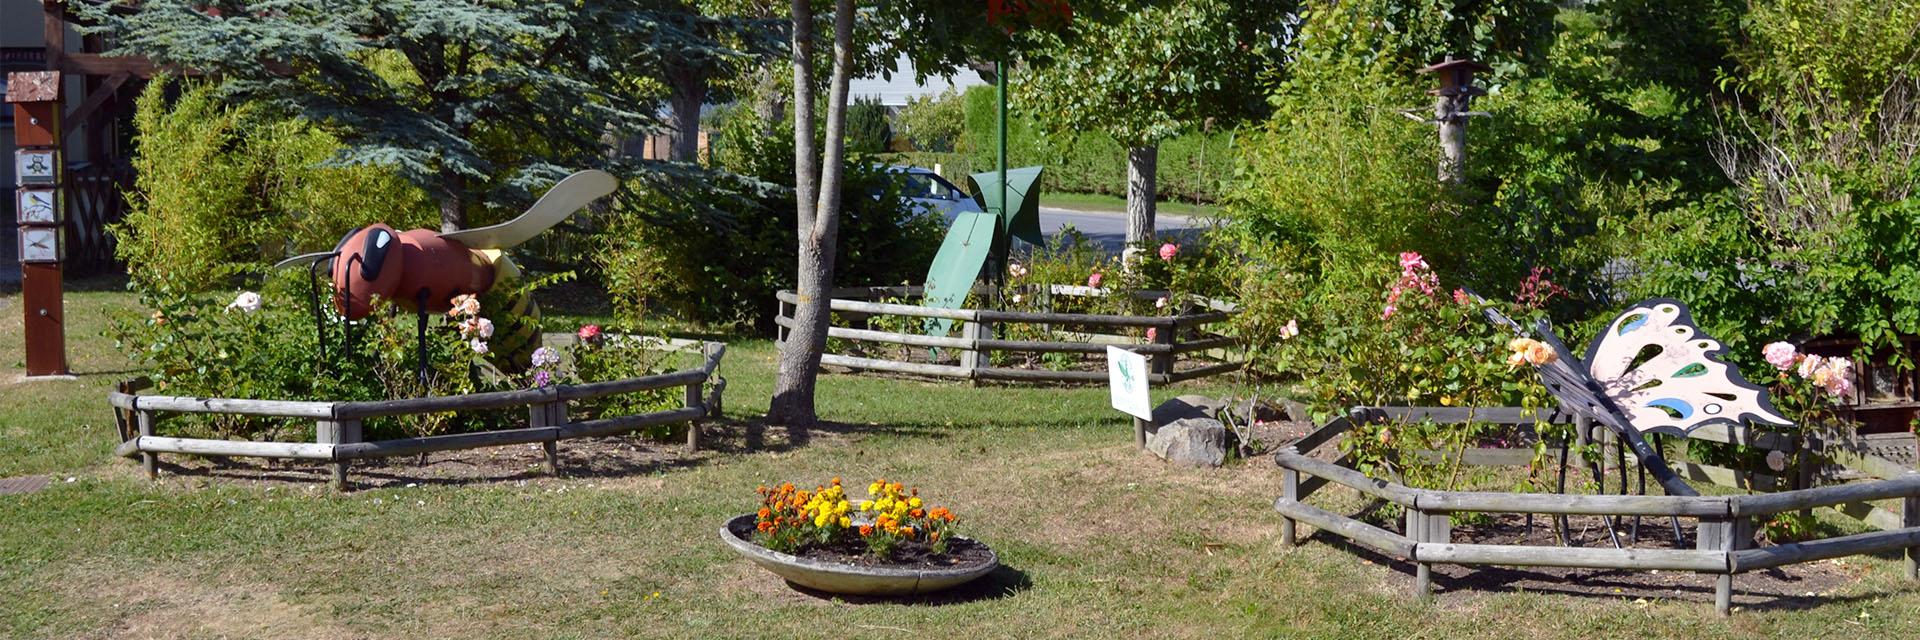 Village_club_vacances_normandie-et-cote-dopale-stella-maris-entree